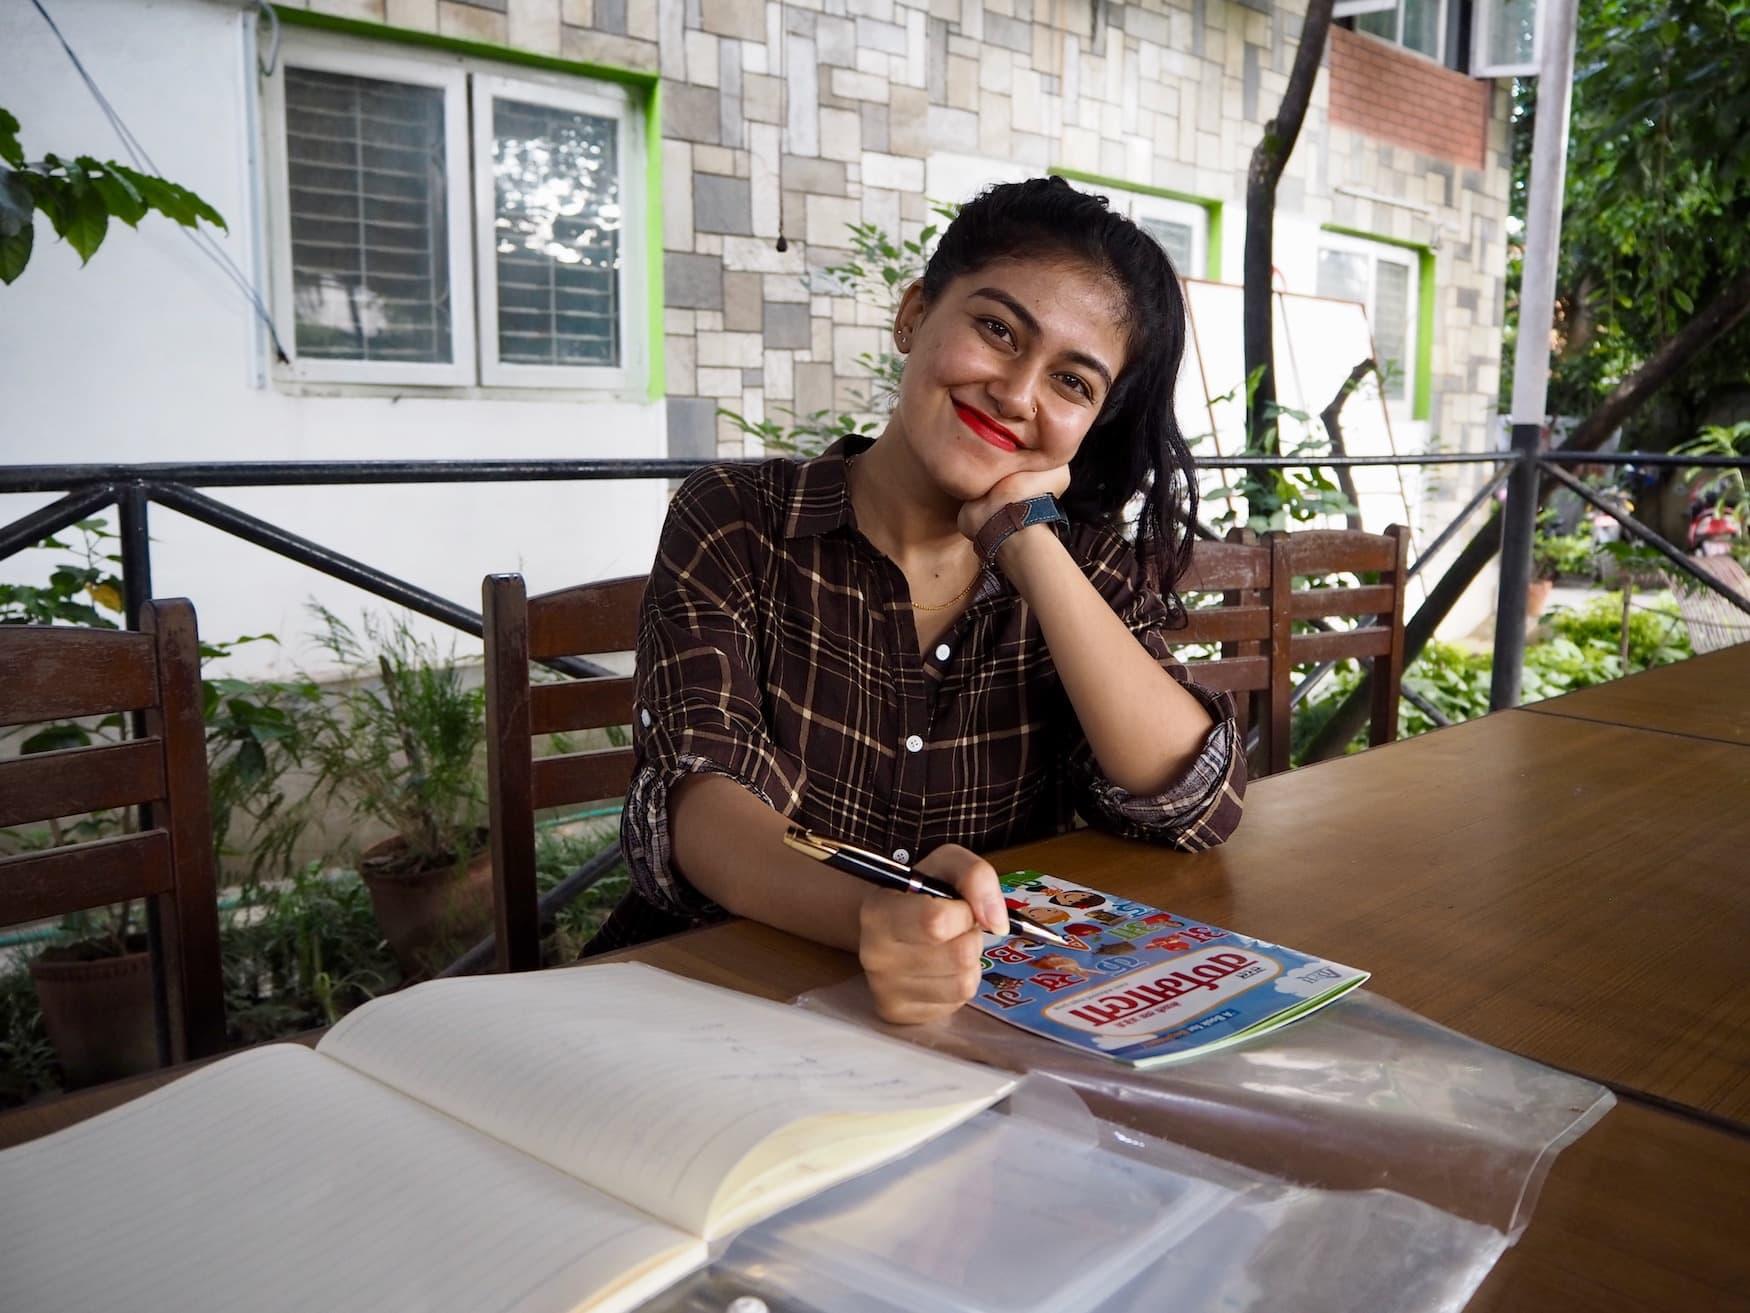 Nepalesische Frau lächelt in Kamera